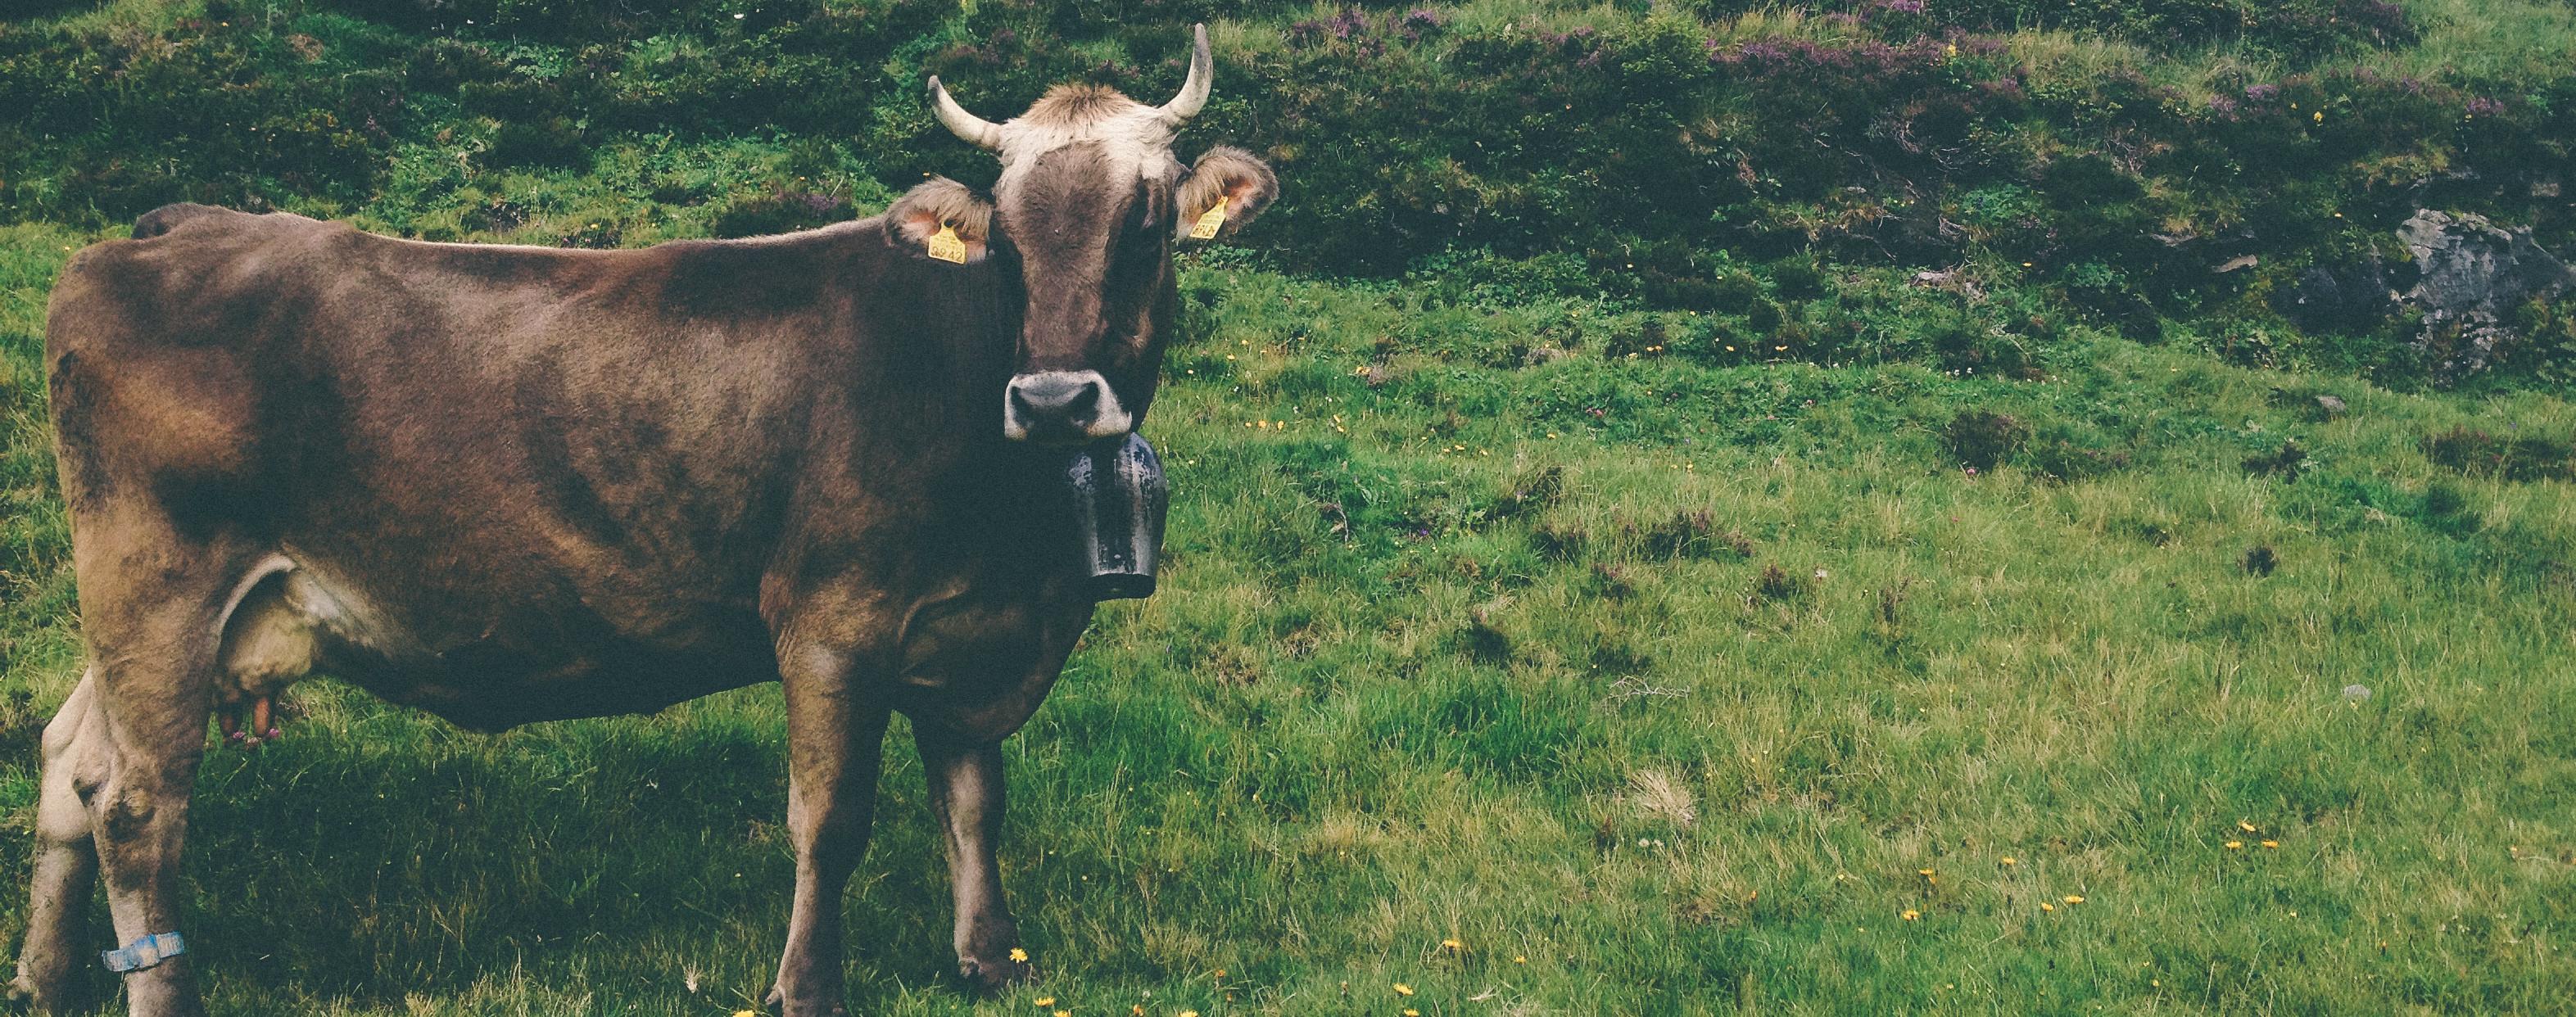 Zootecnia: la rassegna di agricoltura sempre più internazionale